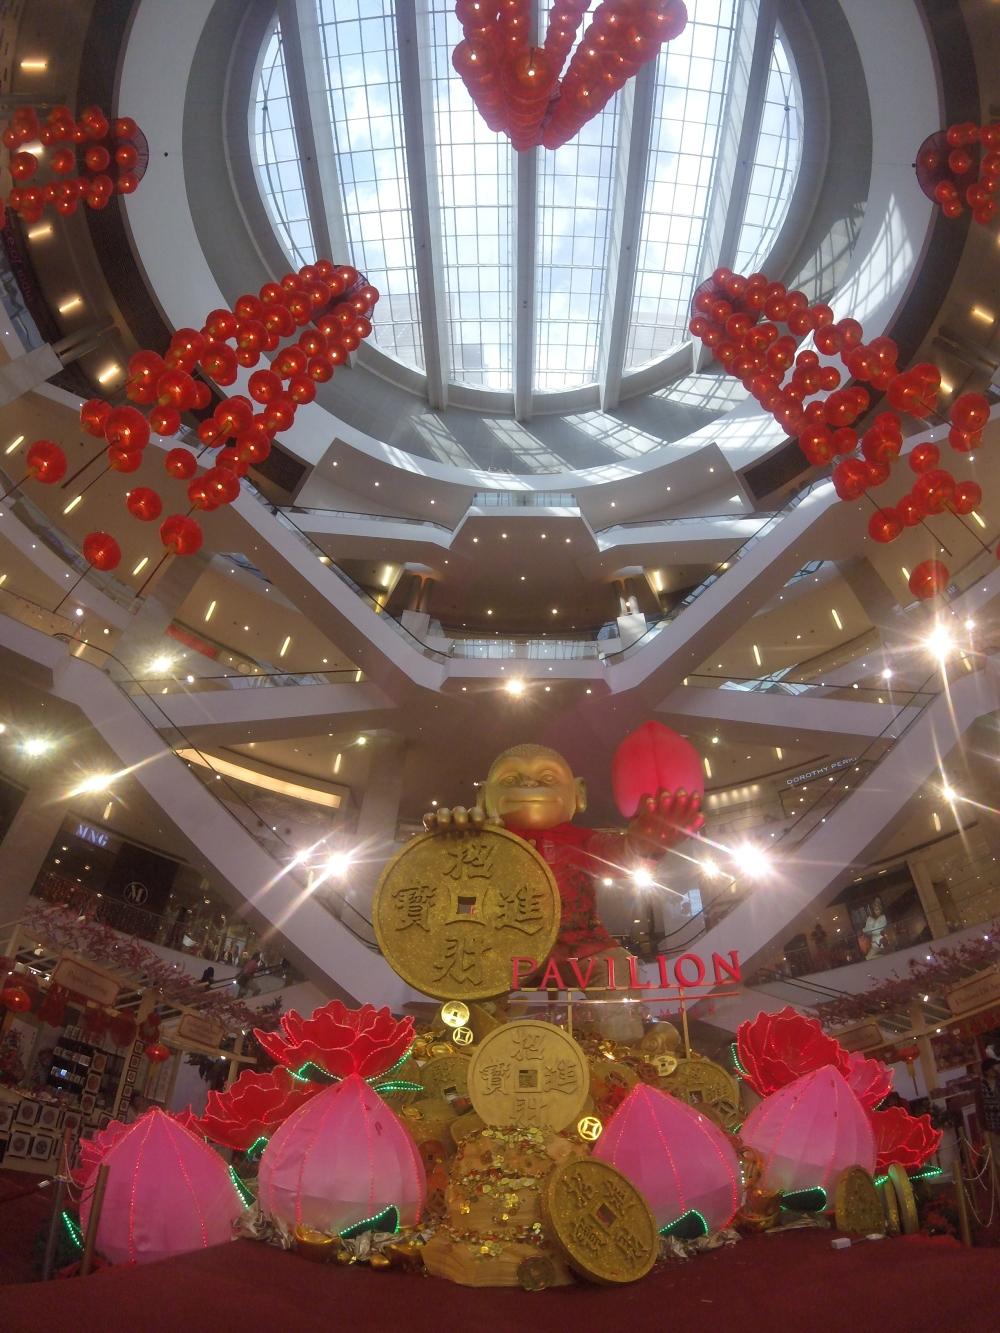 Kuala Lumpur - Chinese New Year decorations in Pavillion Mall